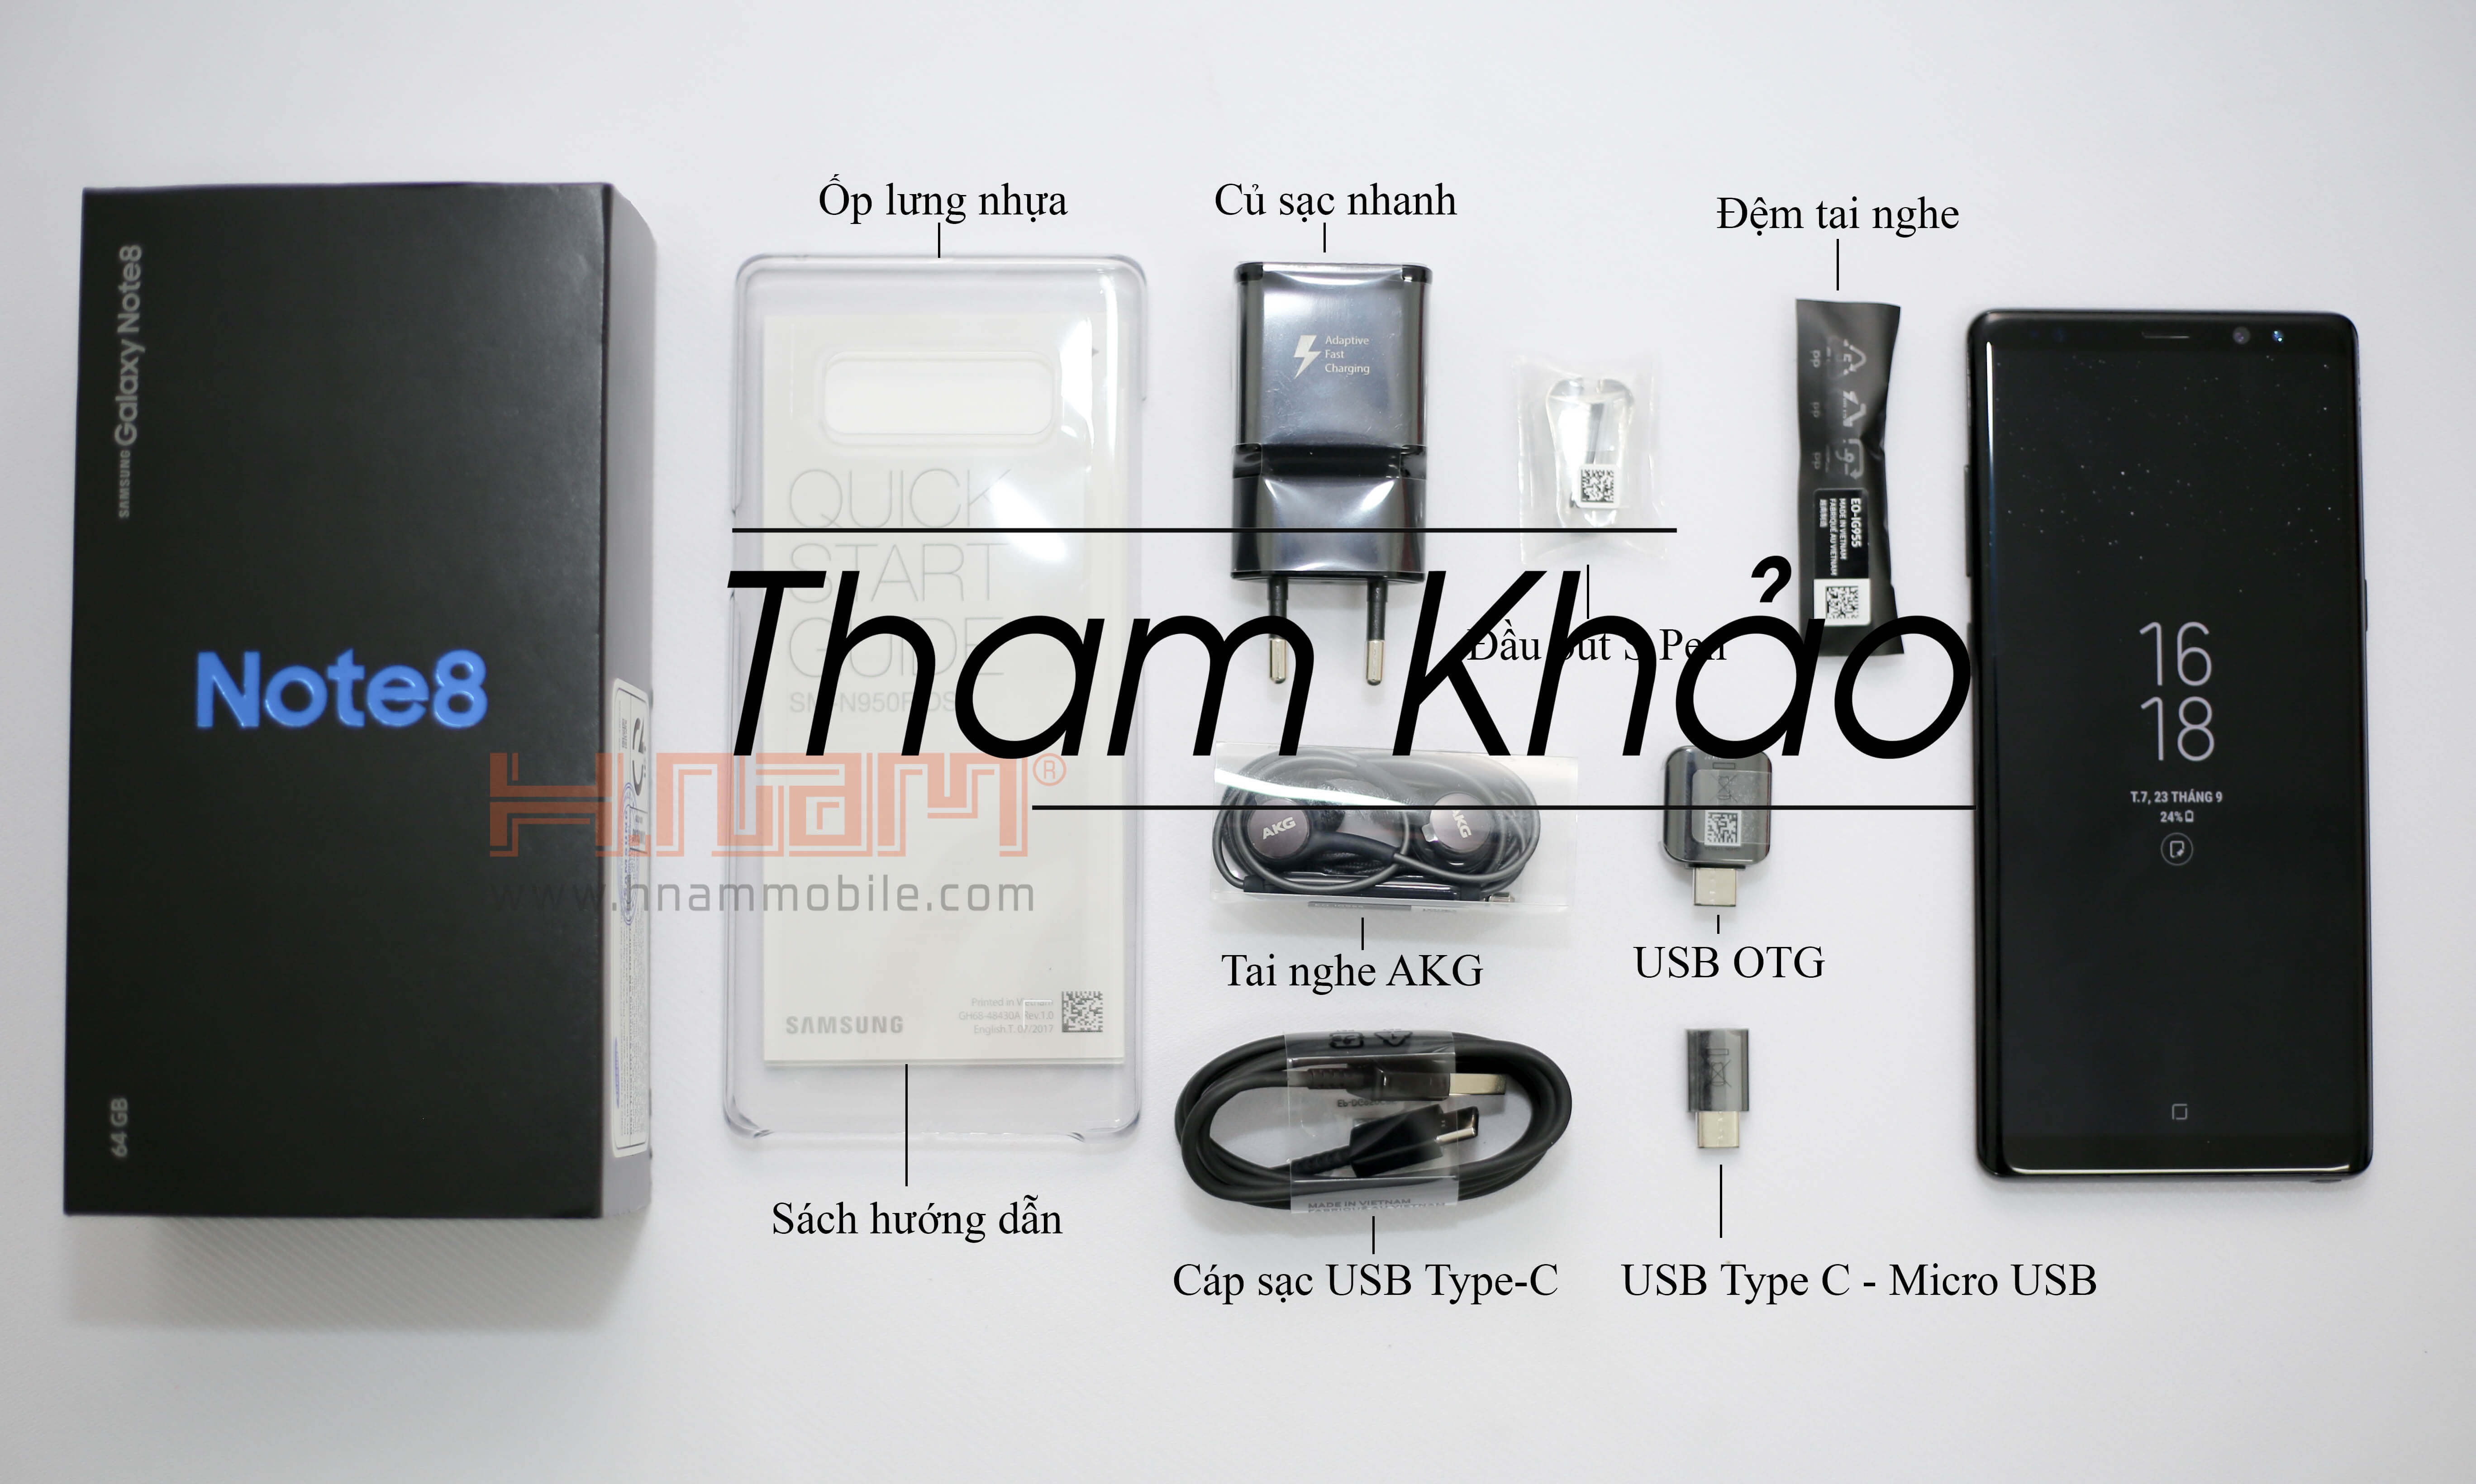 Samsung Galaxy Note 8 N950 ( 492 NGT ) hình sản phẩm 0